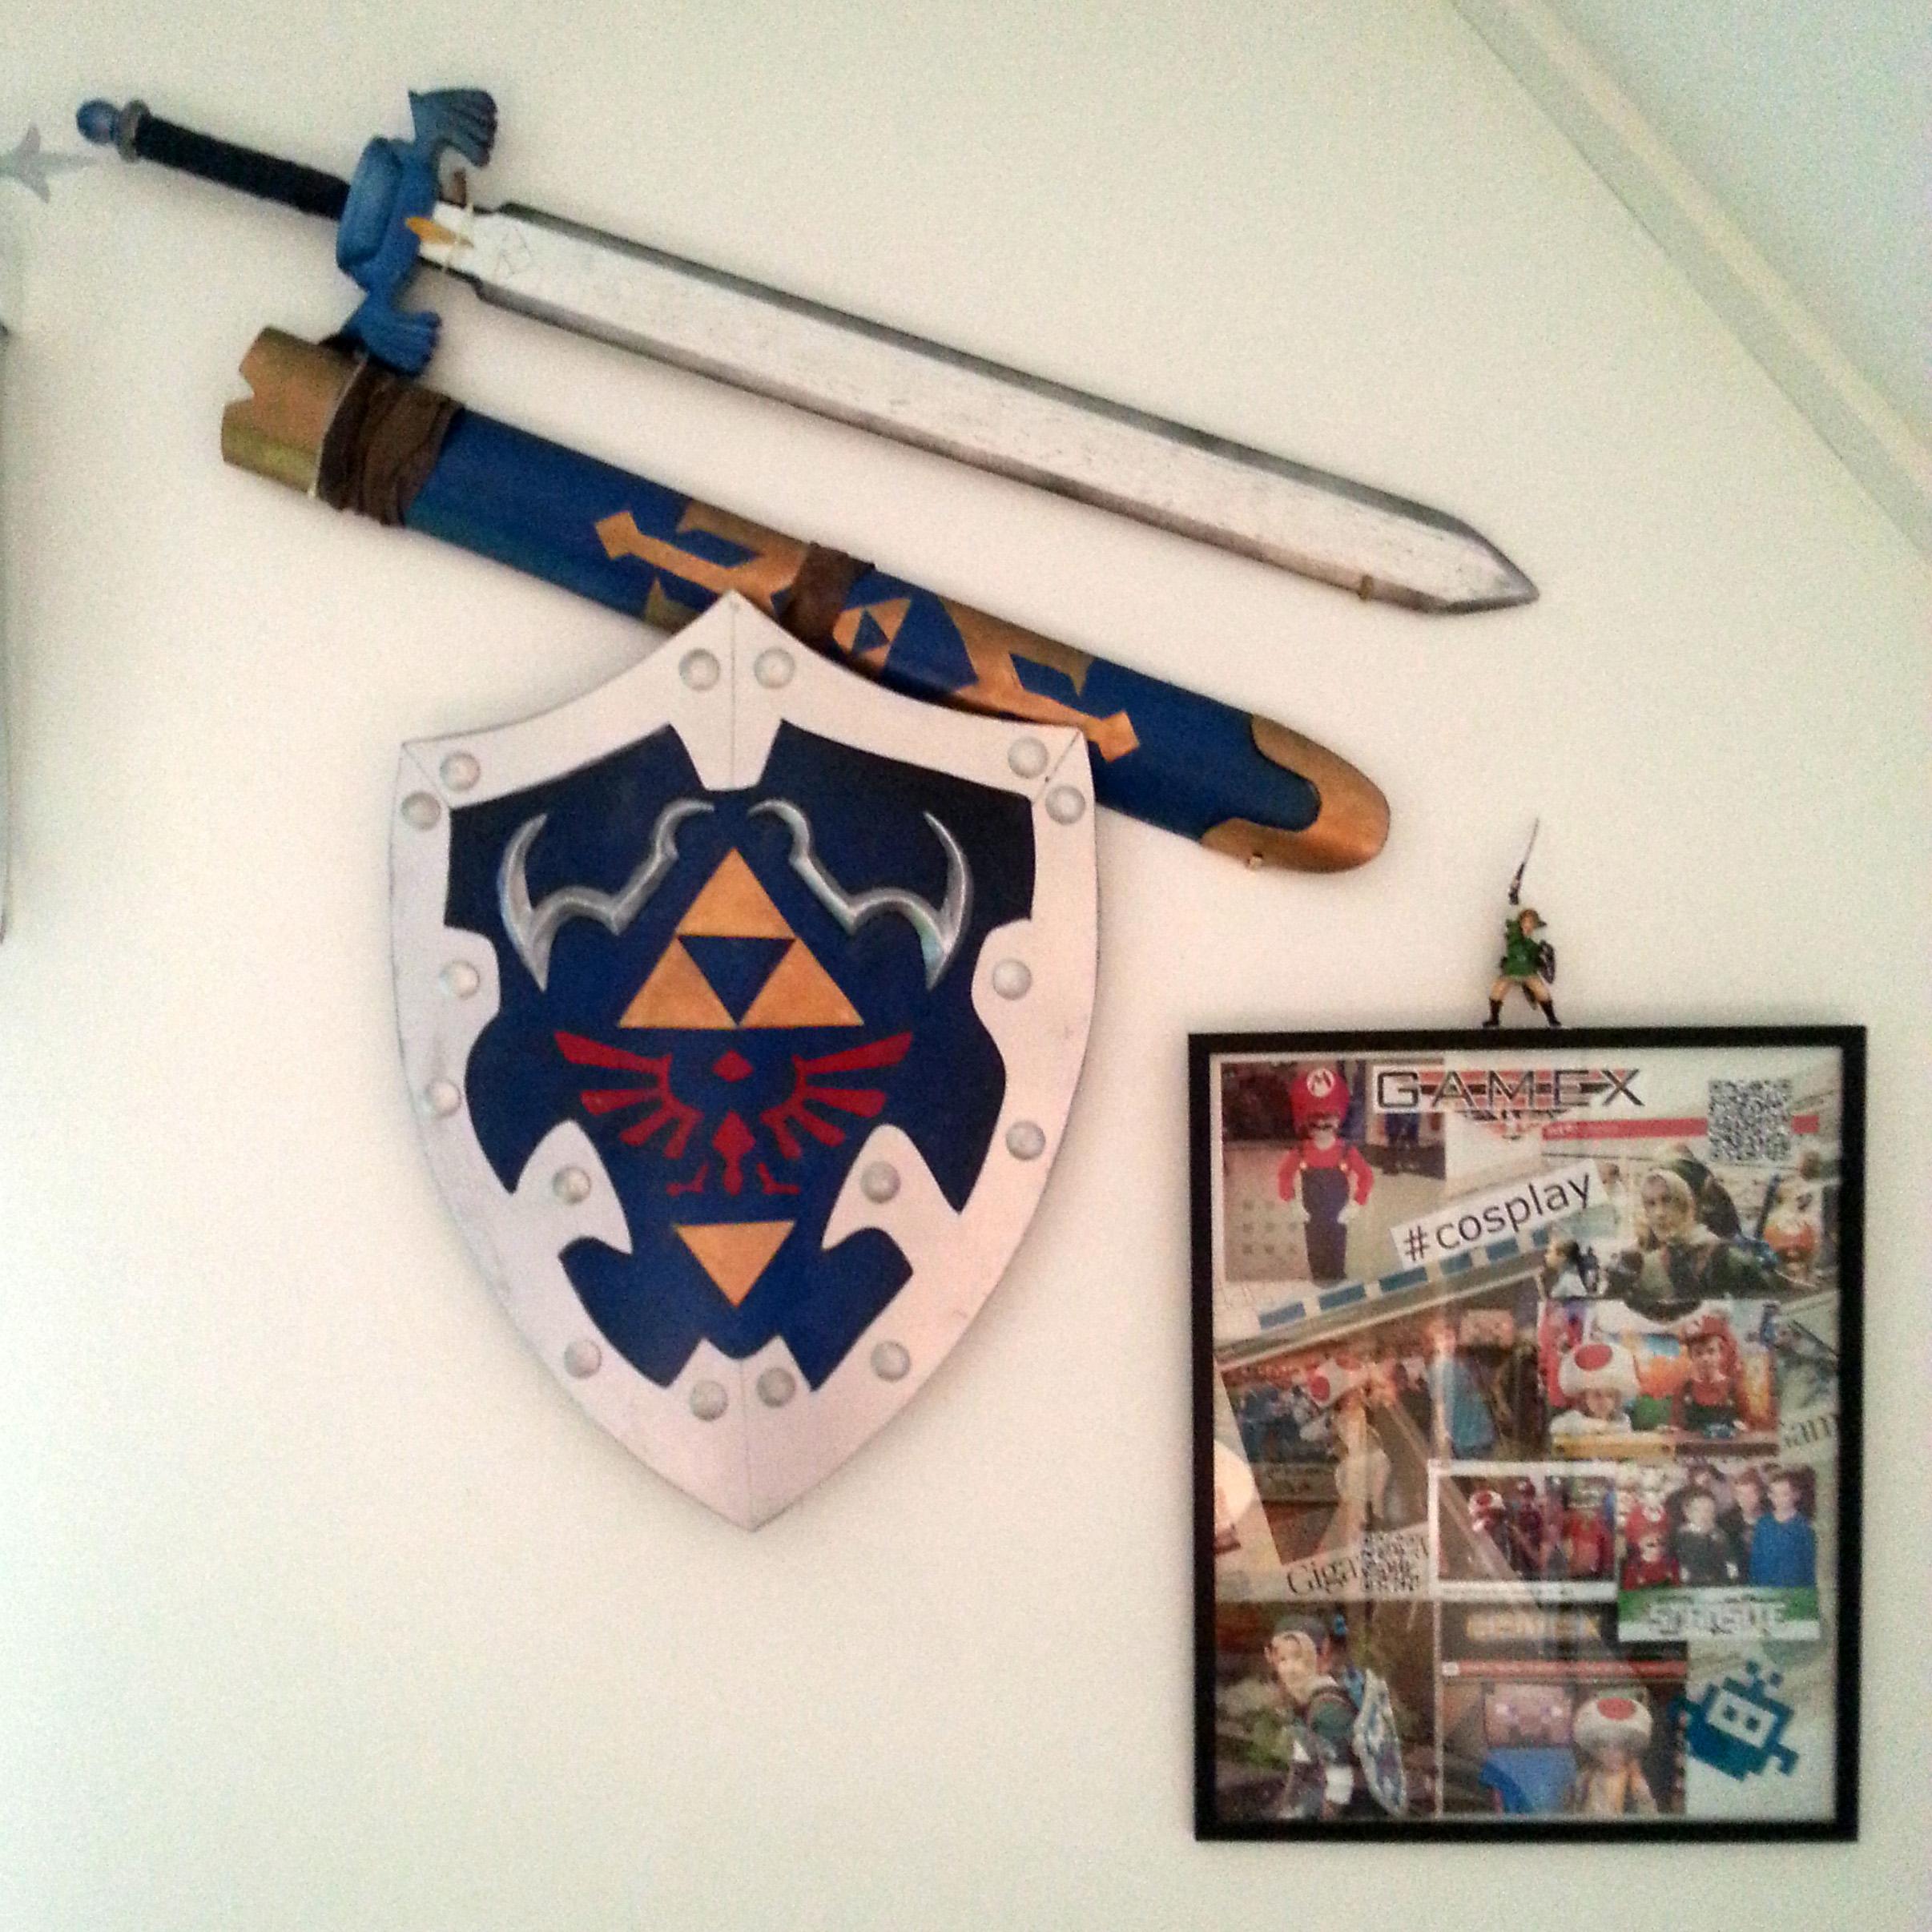 Links svärd och sköld bredvid ett kollage med våra tre år på Gamex med olika Cosplay-dräkter varje år.